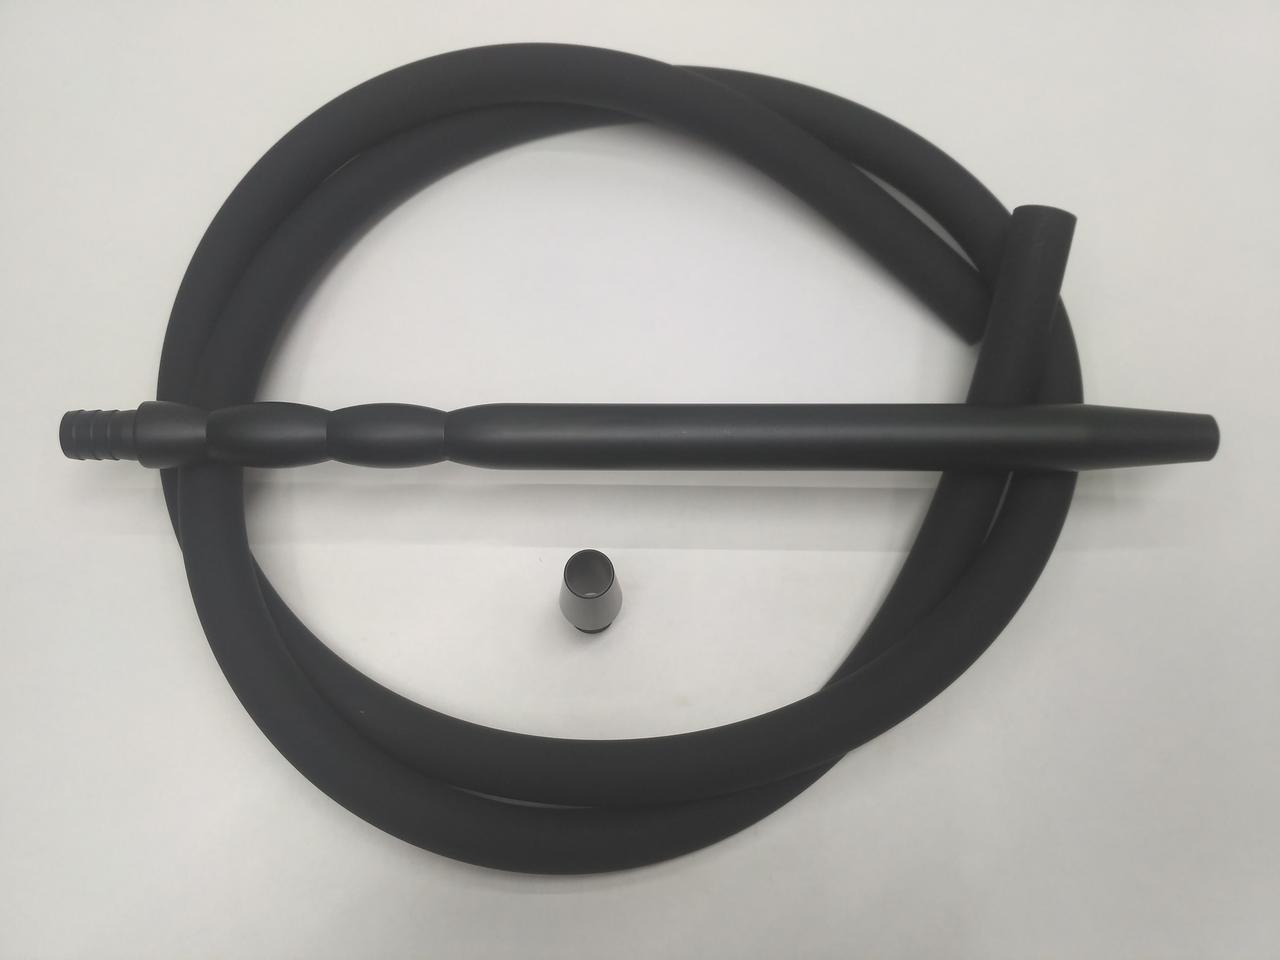 Шланг силиконовый Soft touch (Софт Тач ) с алюминиевыми мундштуками - цвет: Черный